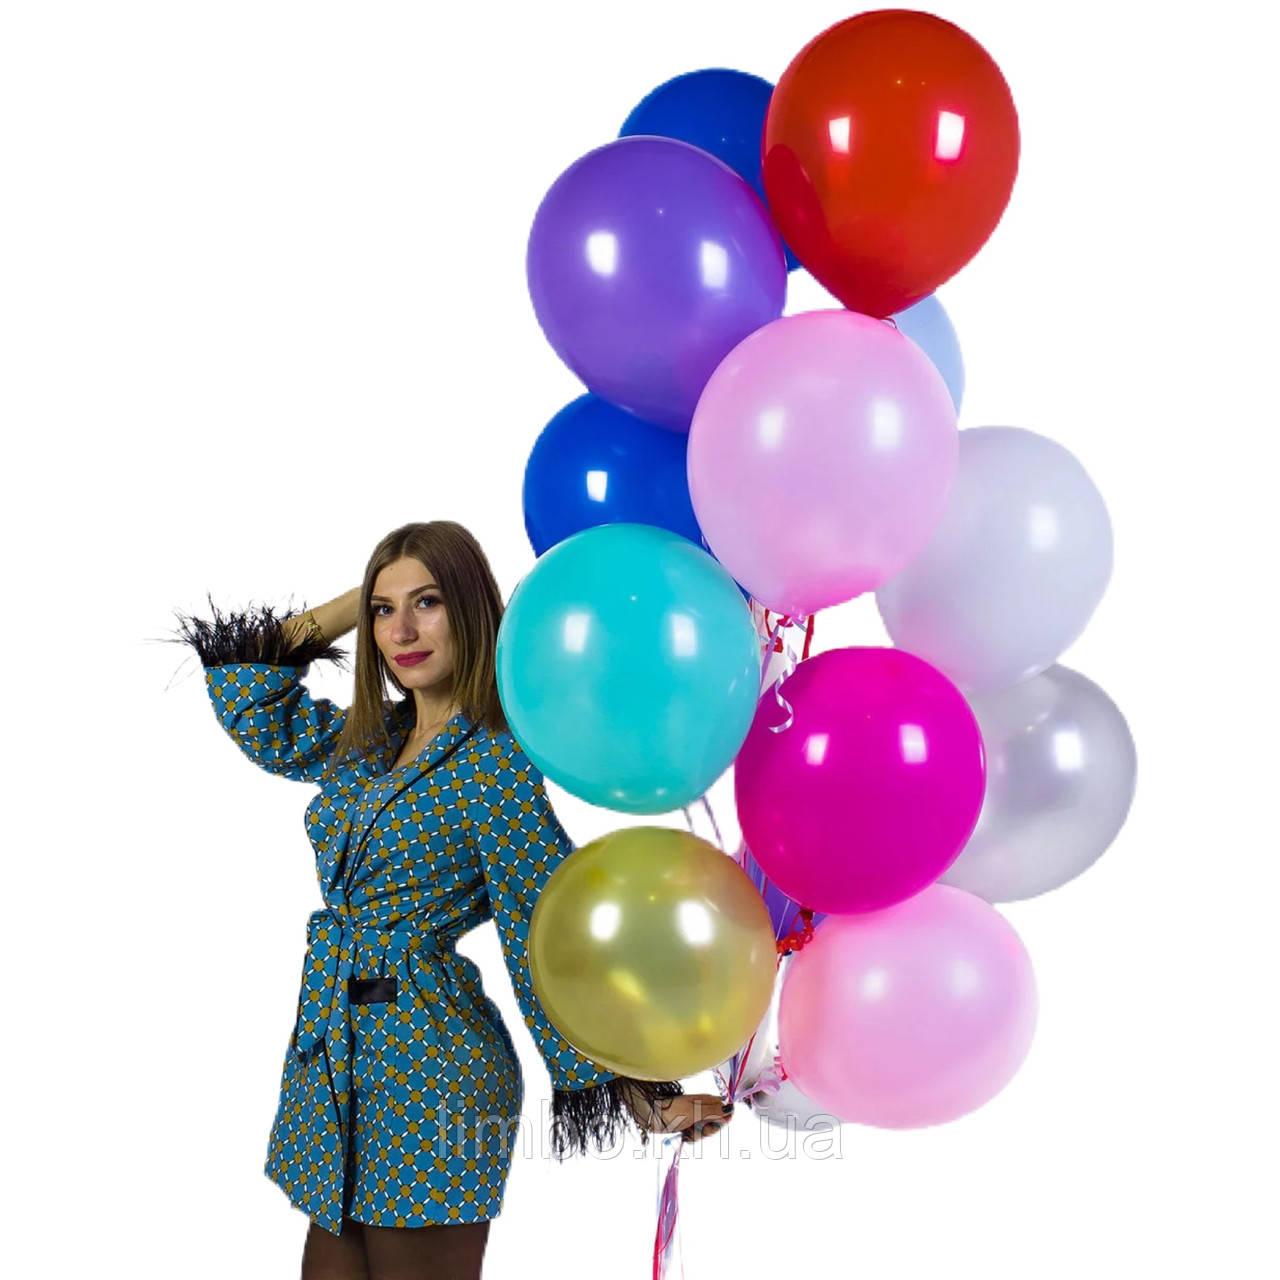 Гелієві кулі на день народження